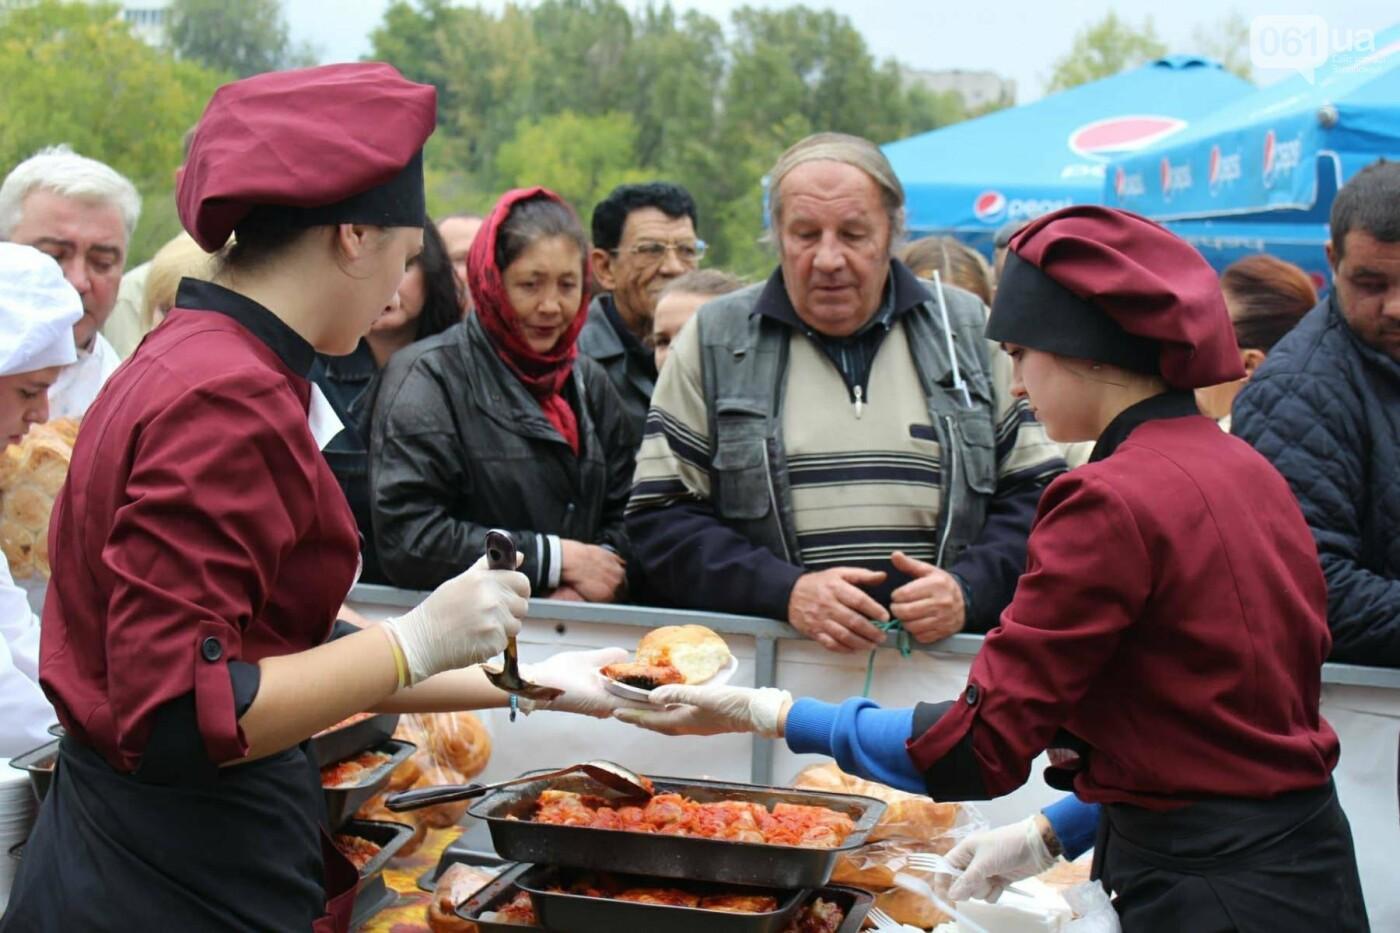 В Запорожье на ярмарке под баян начали раздавать голубцы: пока без драк, - ФОТОРЕПОРТАЖ, фото-19